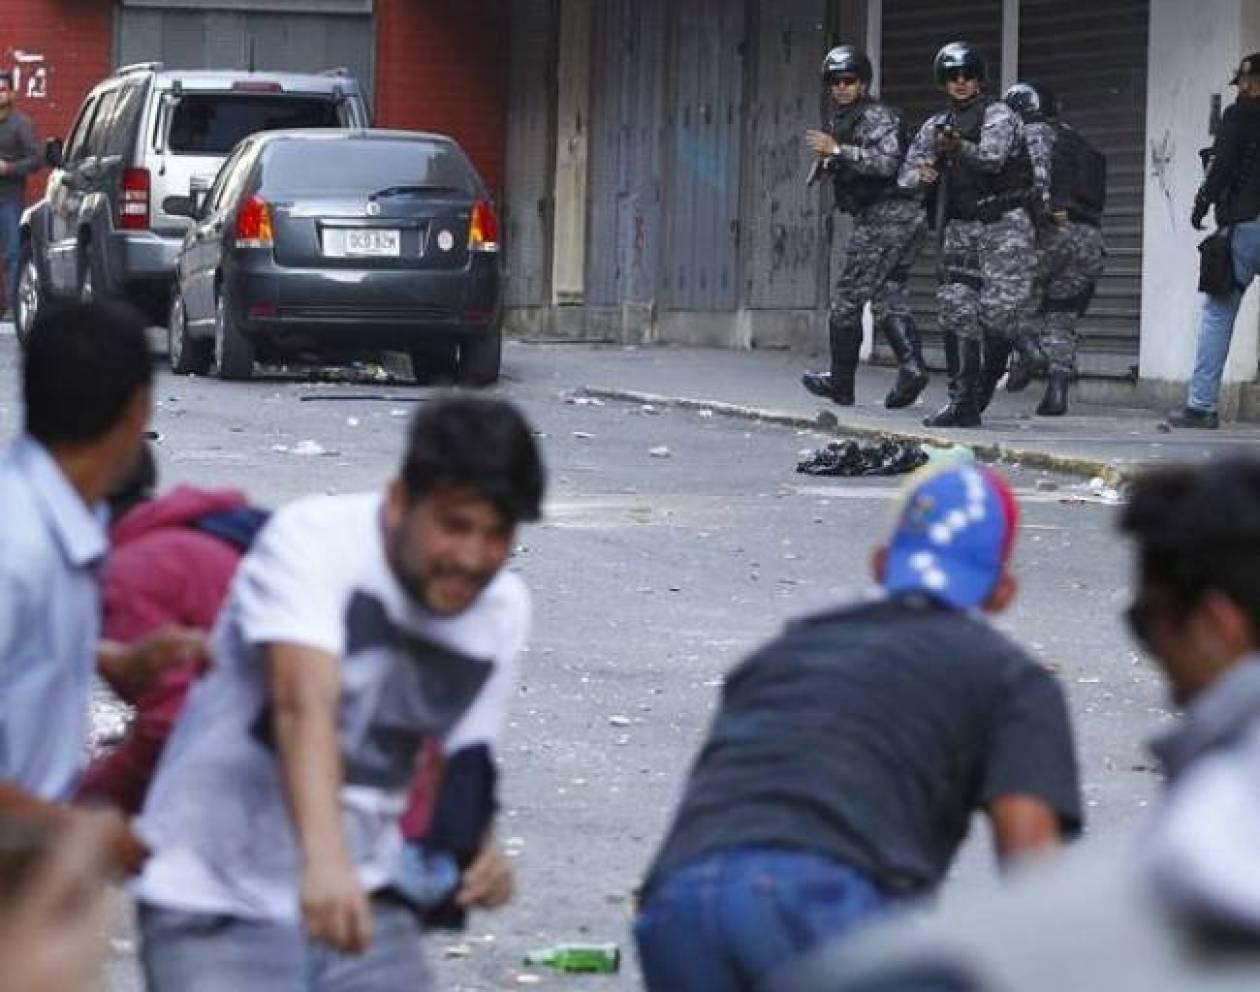 Βενεζουέλα: 8 νεκροί στις αντικυβερνητικές διαδηλώσεις